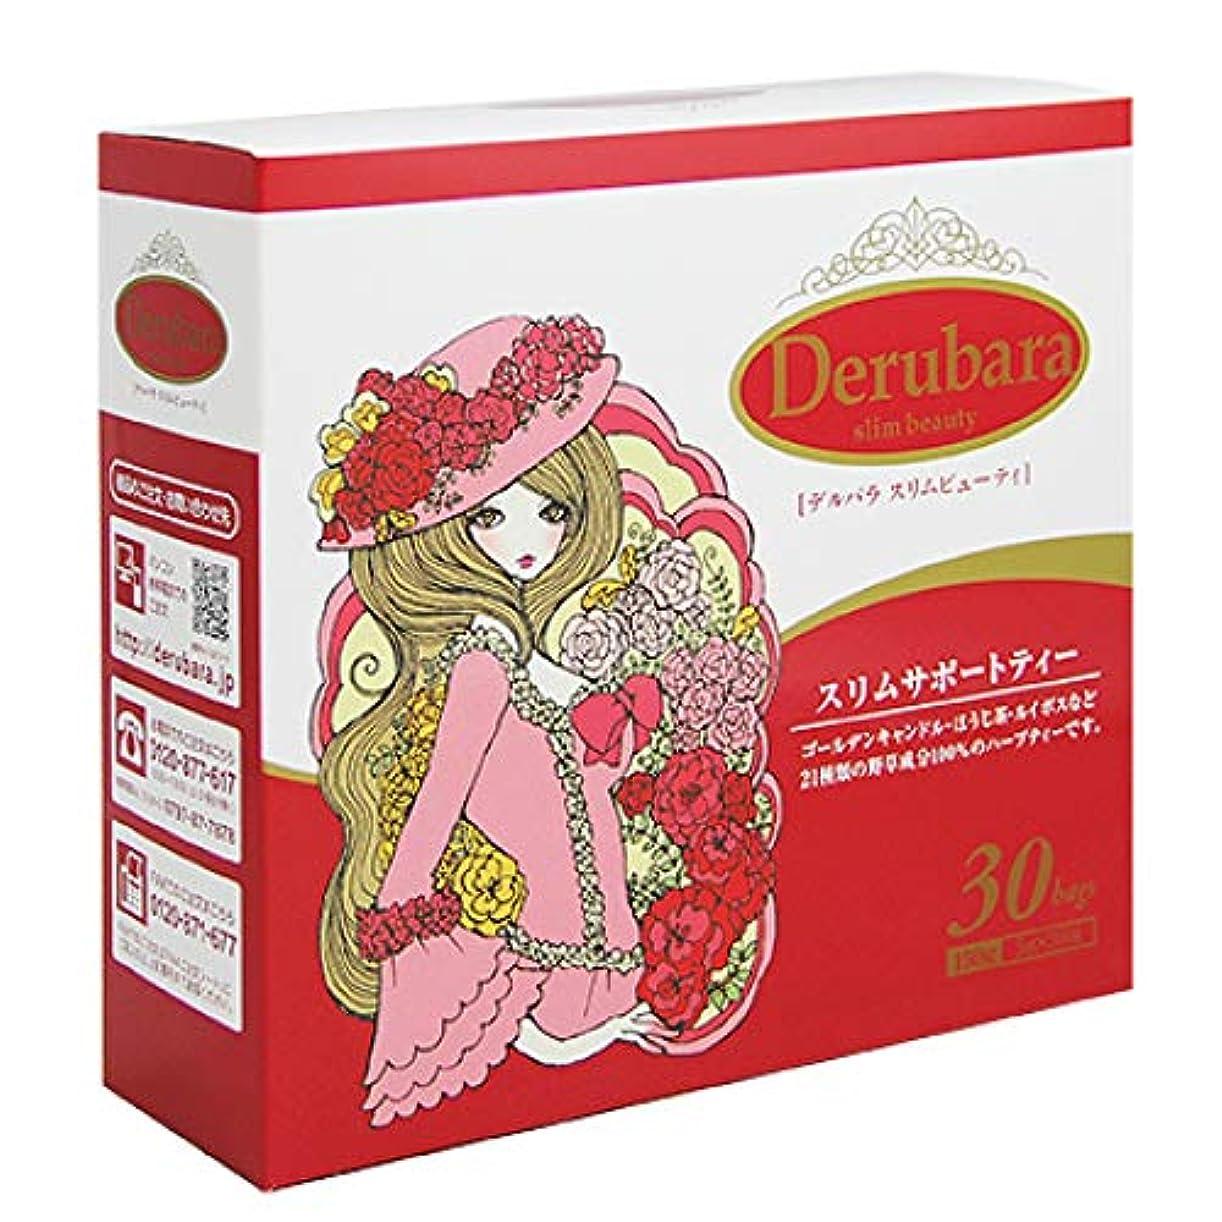 オーバーコート改善習慣デルバラスリムビューティ 1箱 (1包5g×30包入)朝スッキリ! キャンドルブッシュ お茶